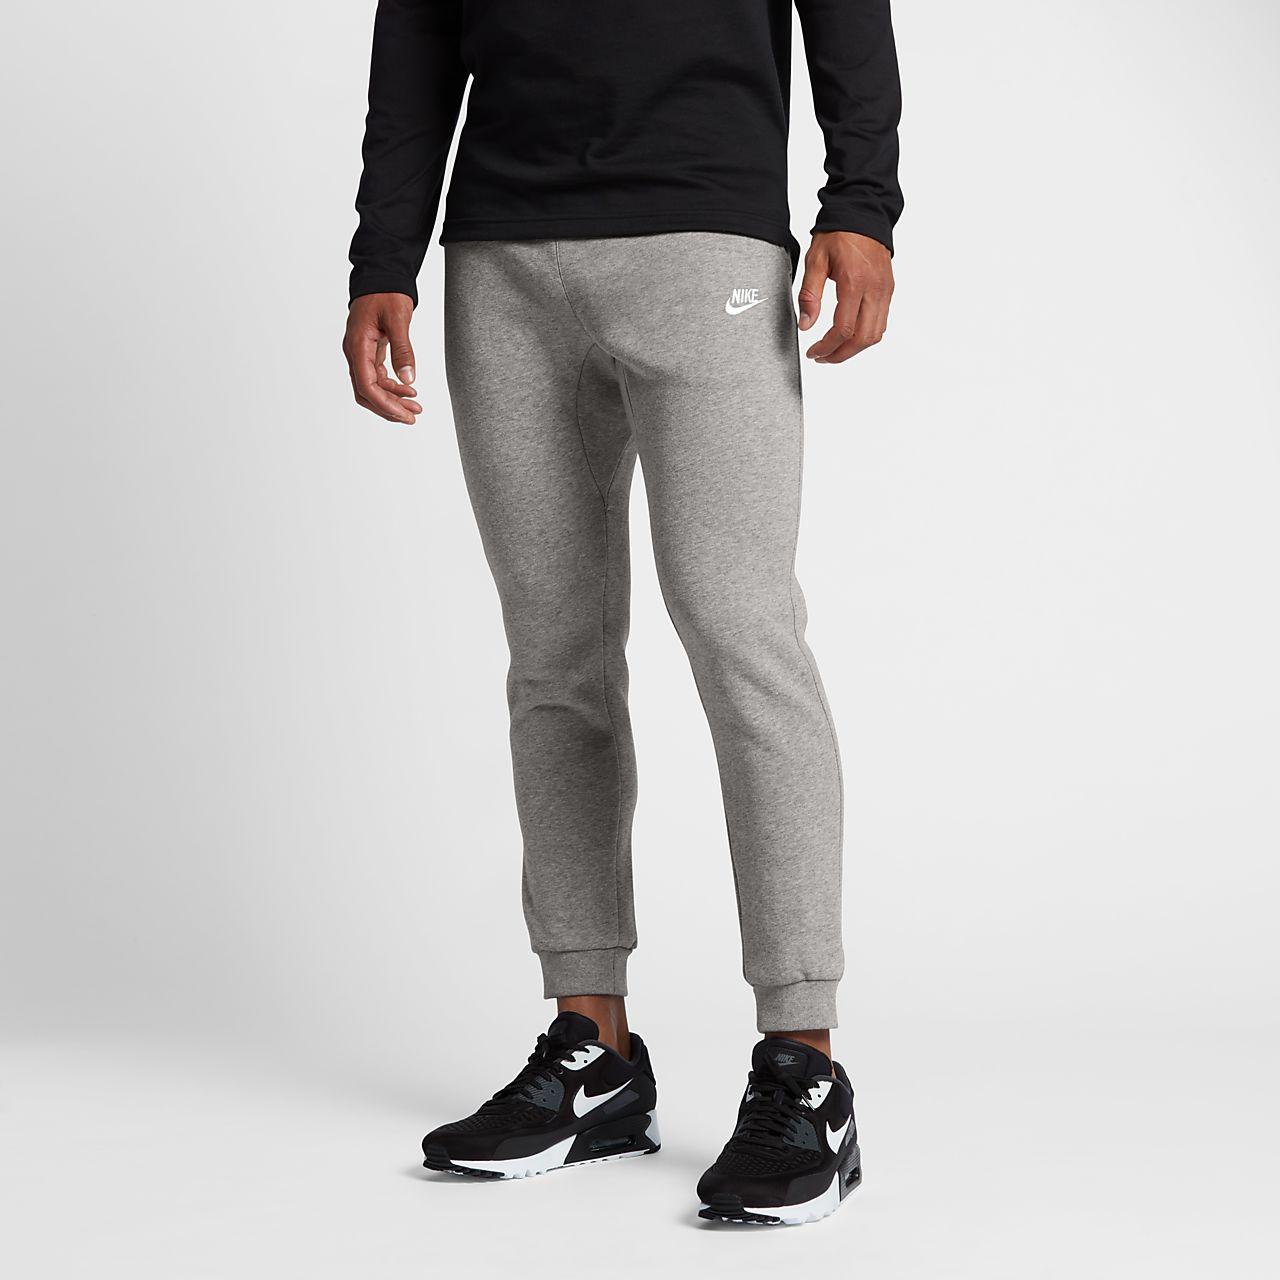 cf74770cec113 Pantalones de entrenamiento para hombre Nike Sportswear Club Fleece ...